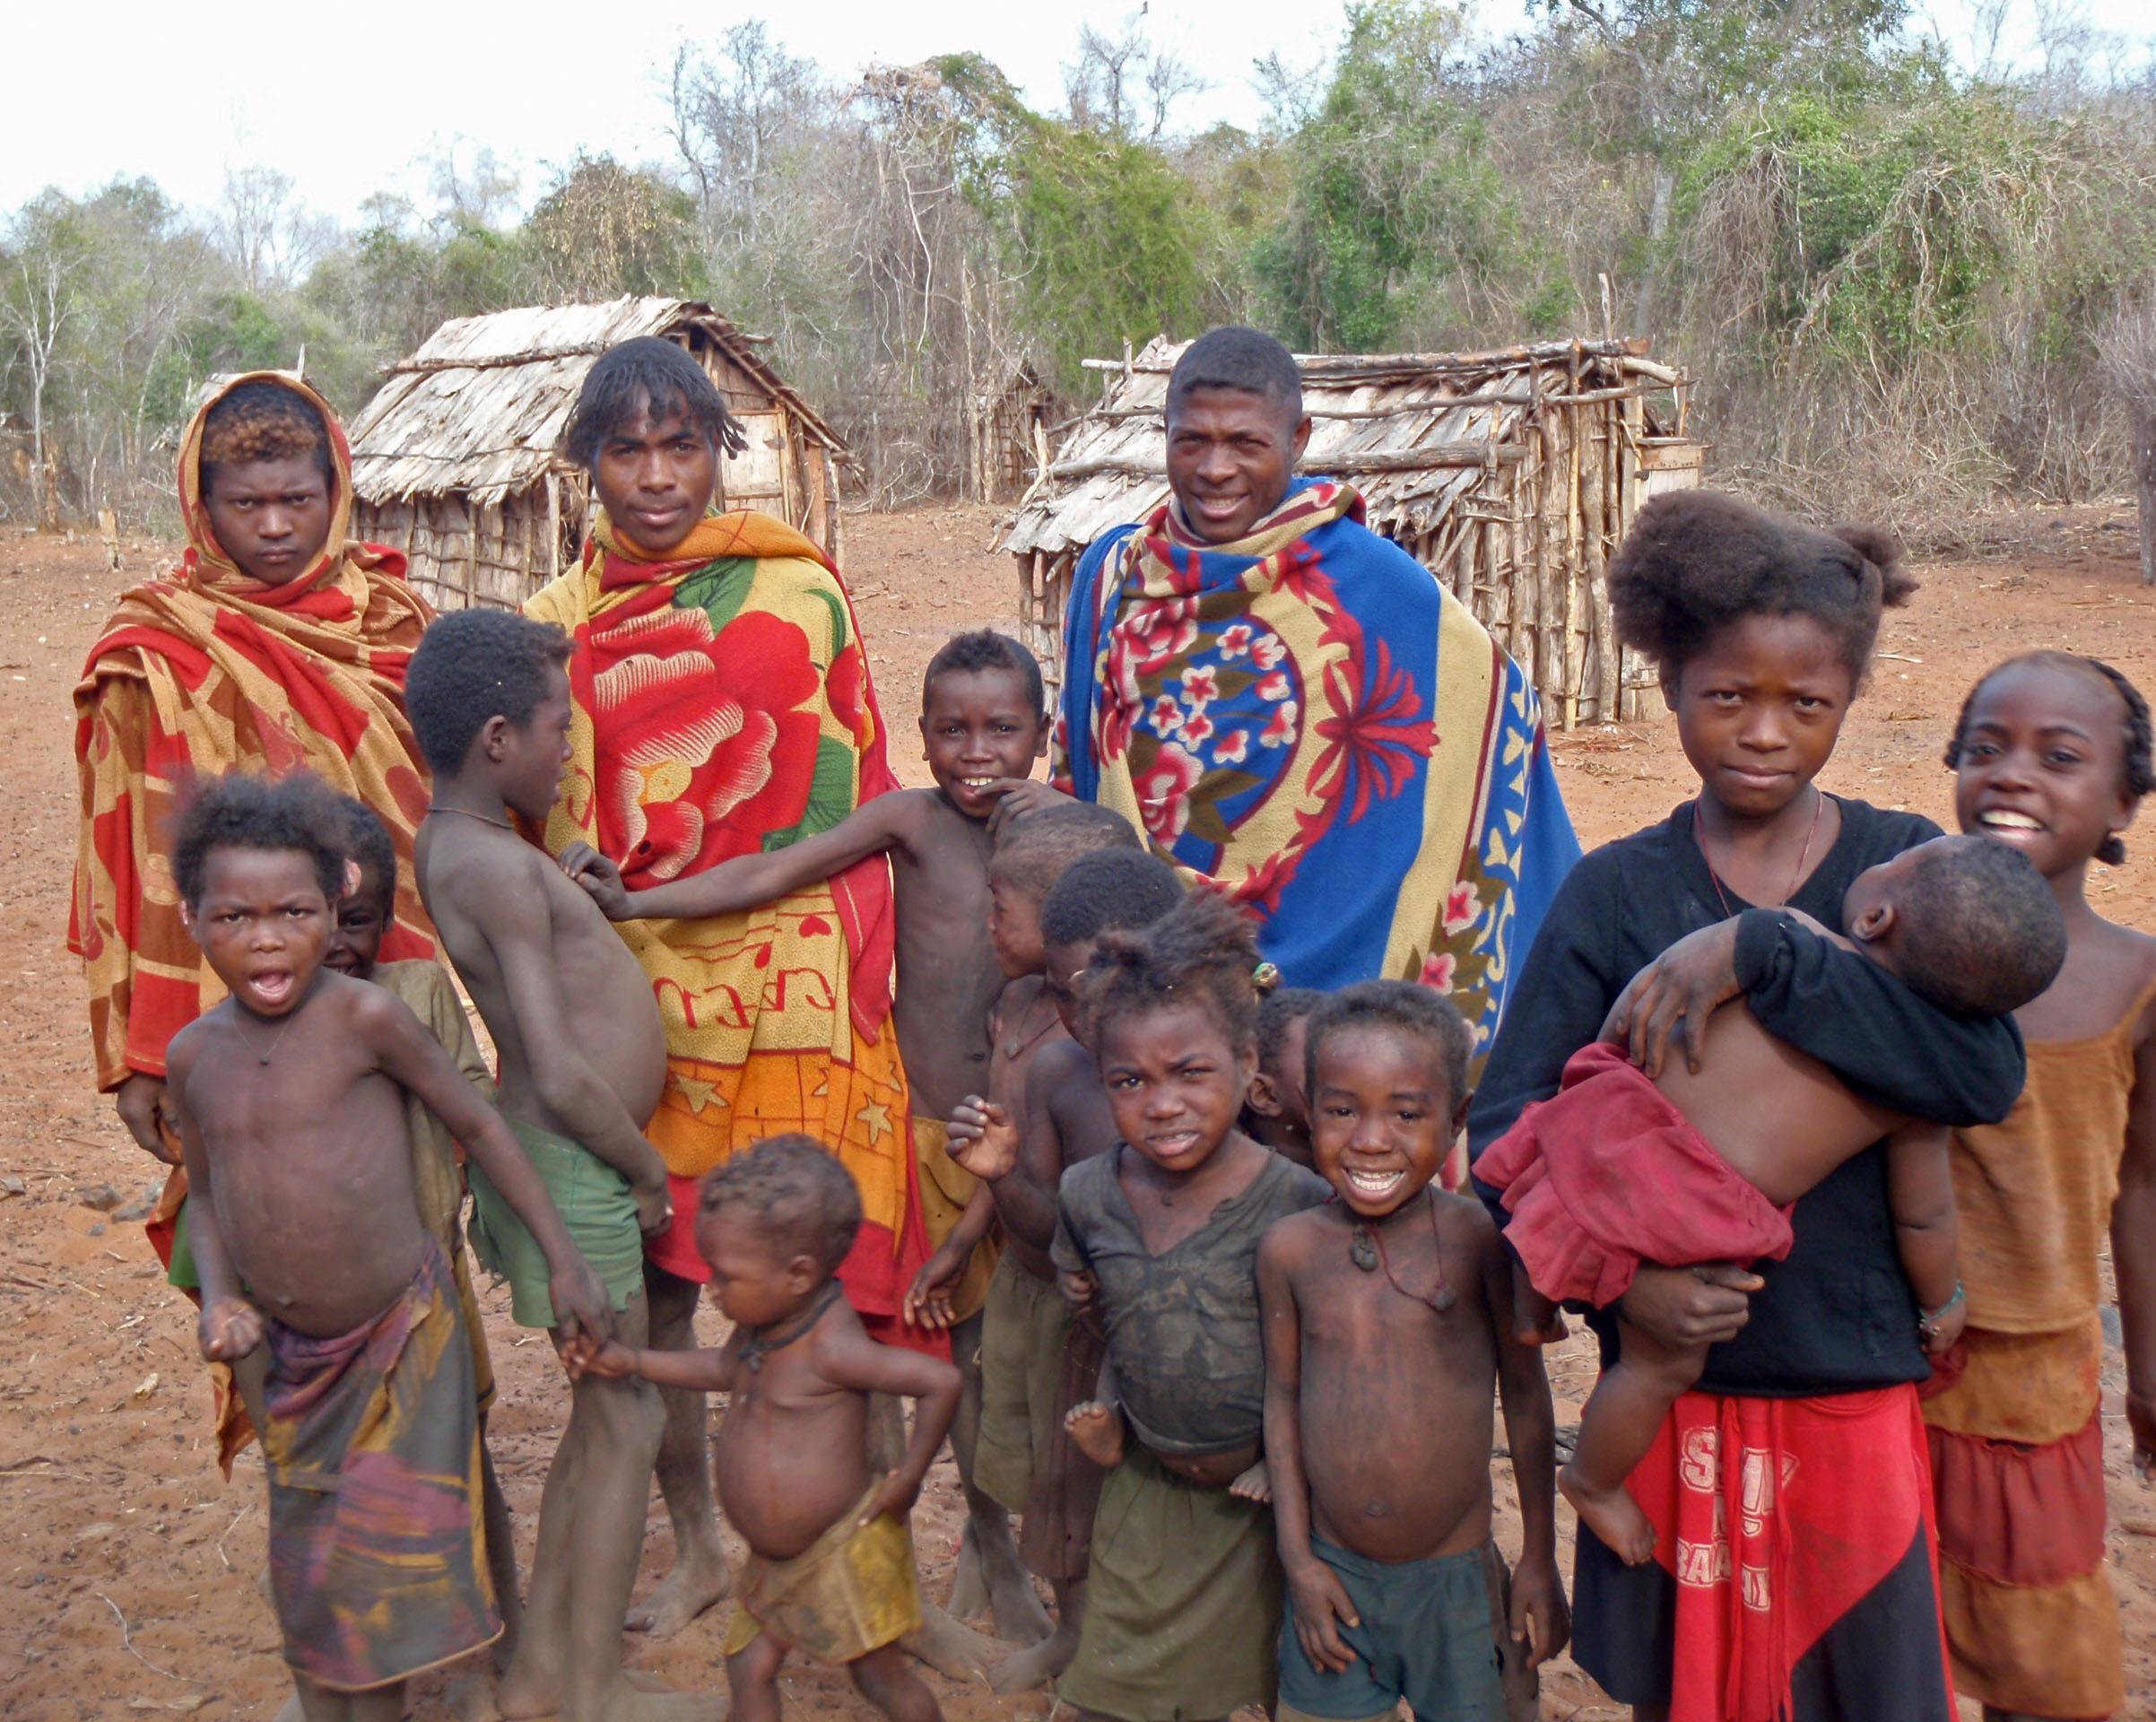 Groupe d'Antampimbato, La frange tressée des jeunes indique qu'ils sont à marier !